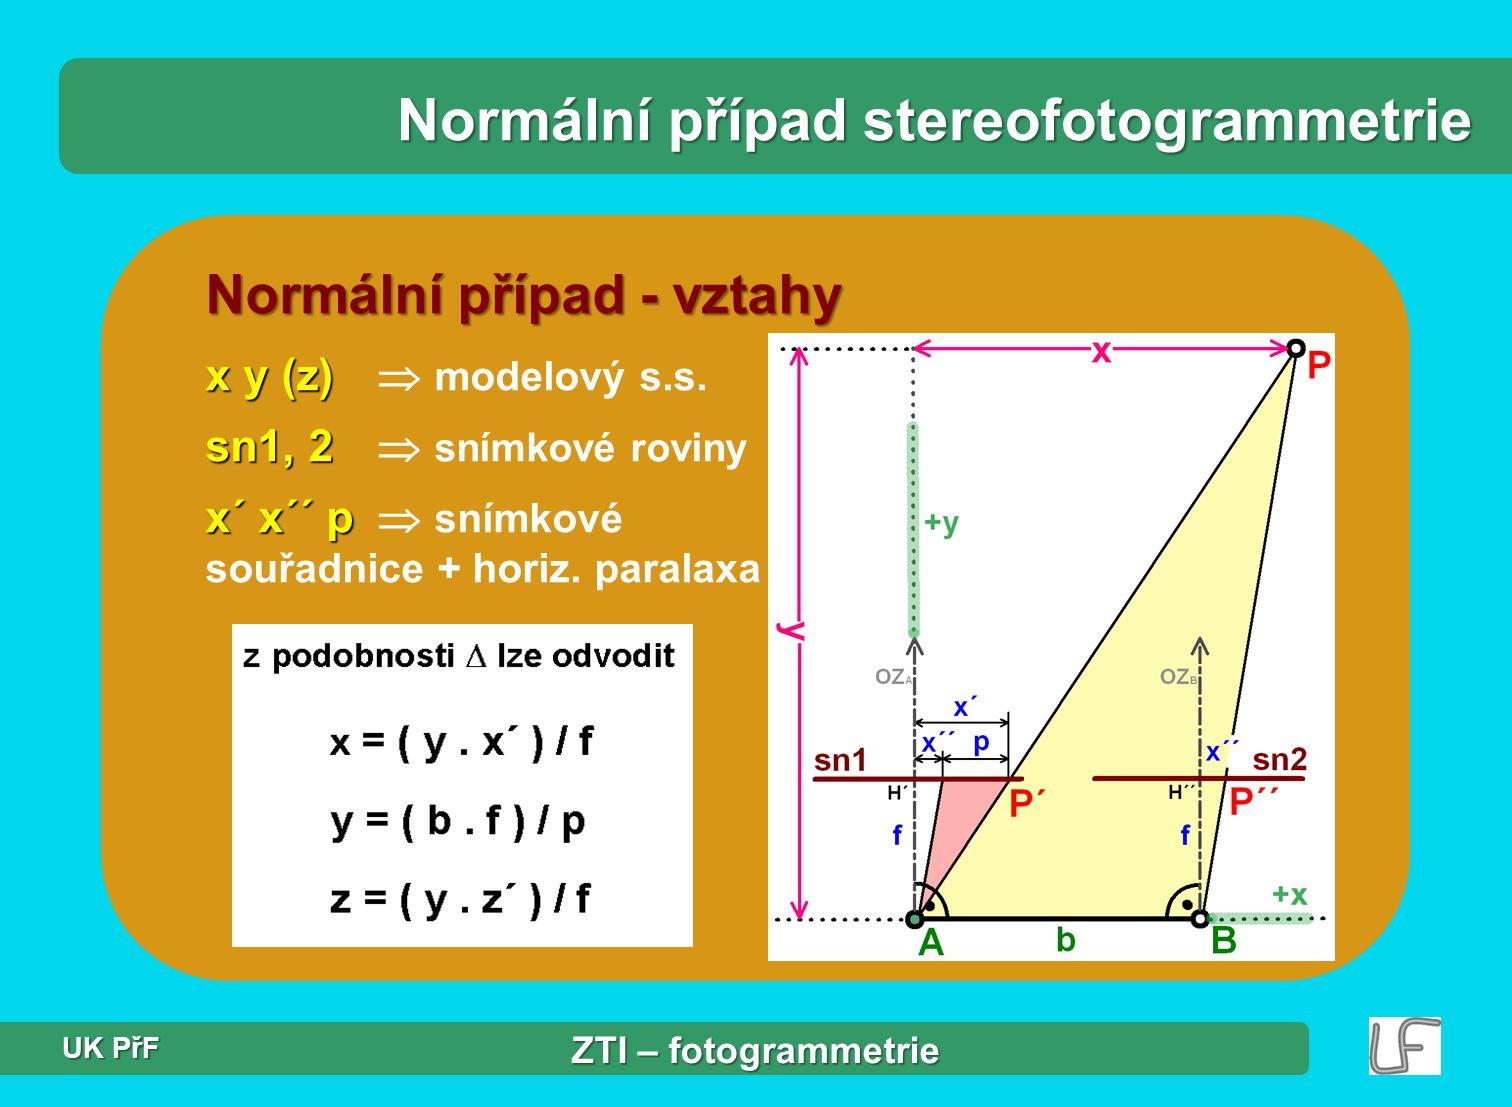 Normální případ stereofotogrammetrie